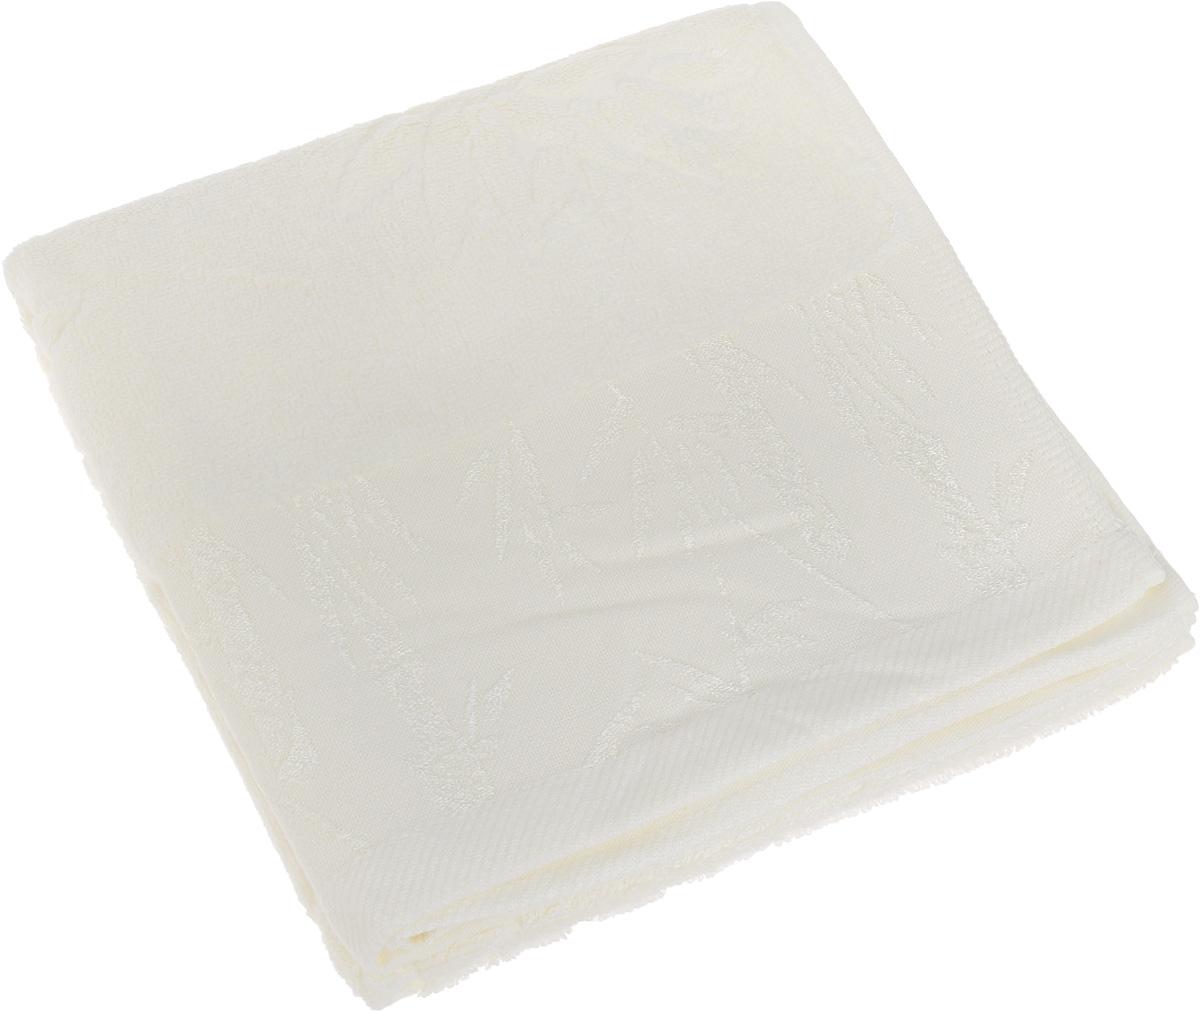 Полотенце Soavita Nancy, цвет: белый, 50 х 90 см64169Полотенце Soavita Nancy выполнено из 100% бамбукового волокна. Изделие отлично впитывает влагу, быстро сохнет, сохраняет яркость цвета и не теряет форму даже после многократных стирок. Полотенце очень практично и неприхотливо в уходе. Оно создаст прекрасное настроение и украсит интерьер в ванной комнате.